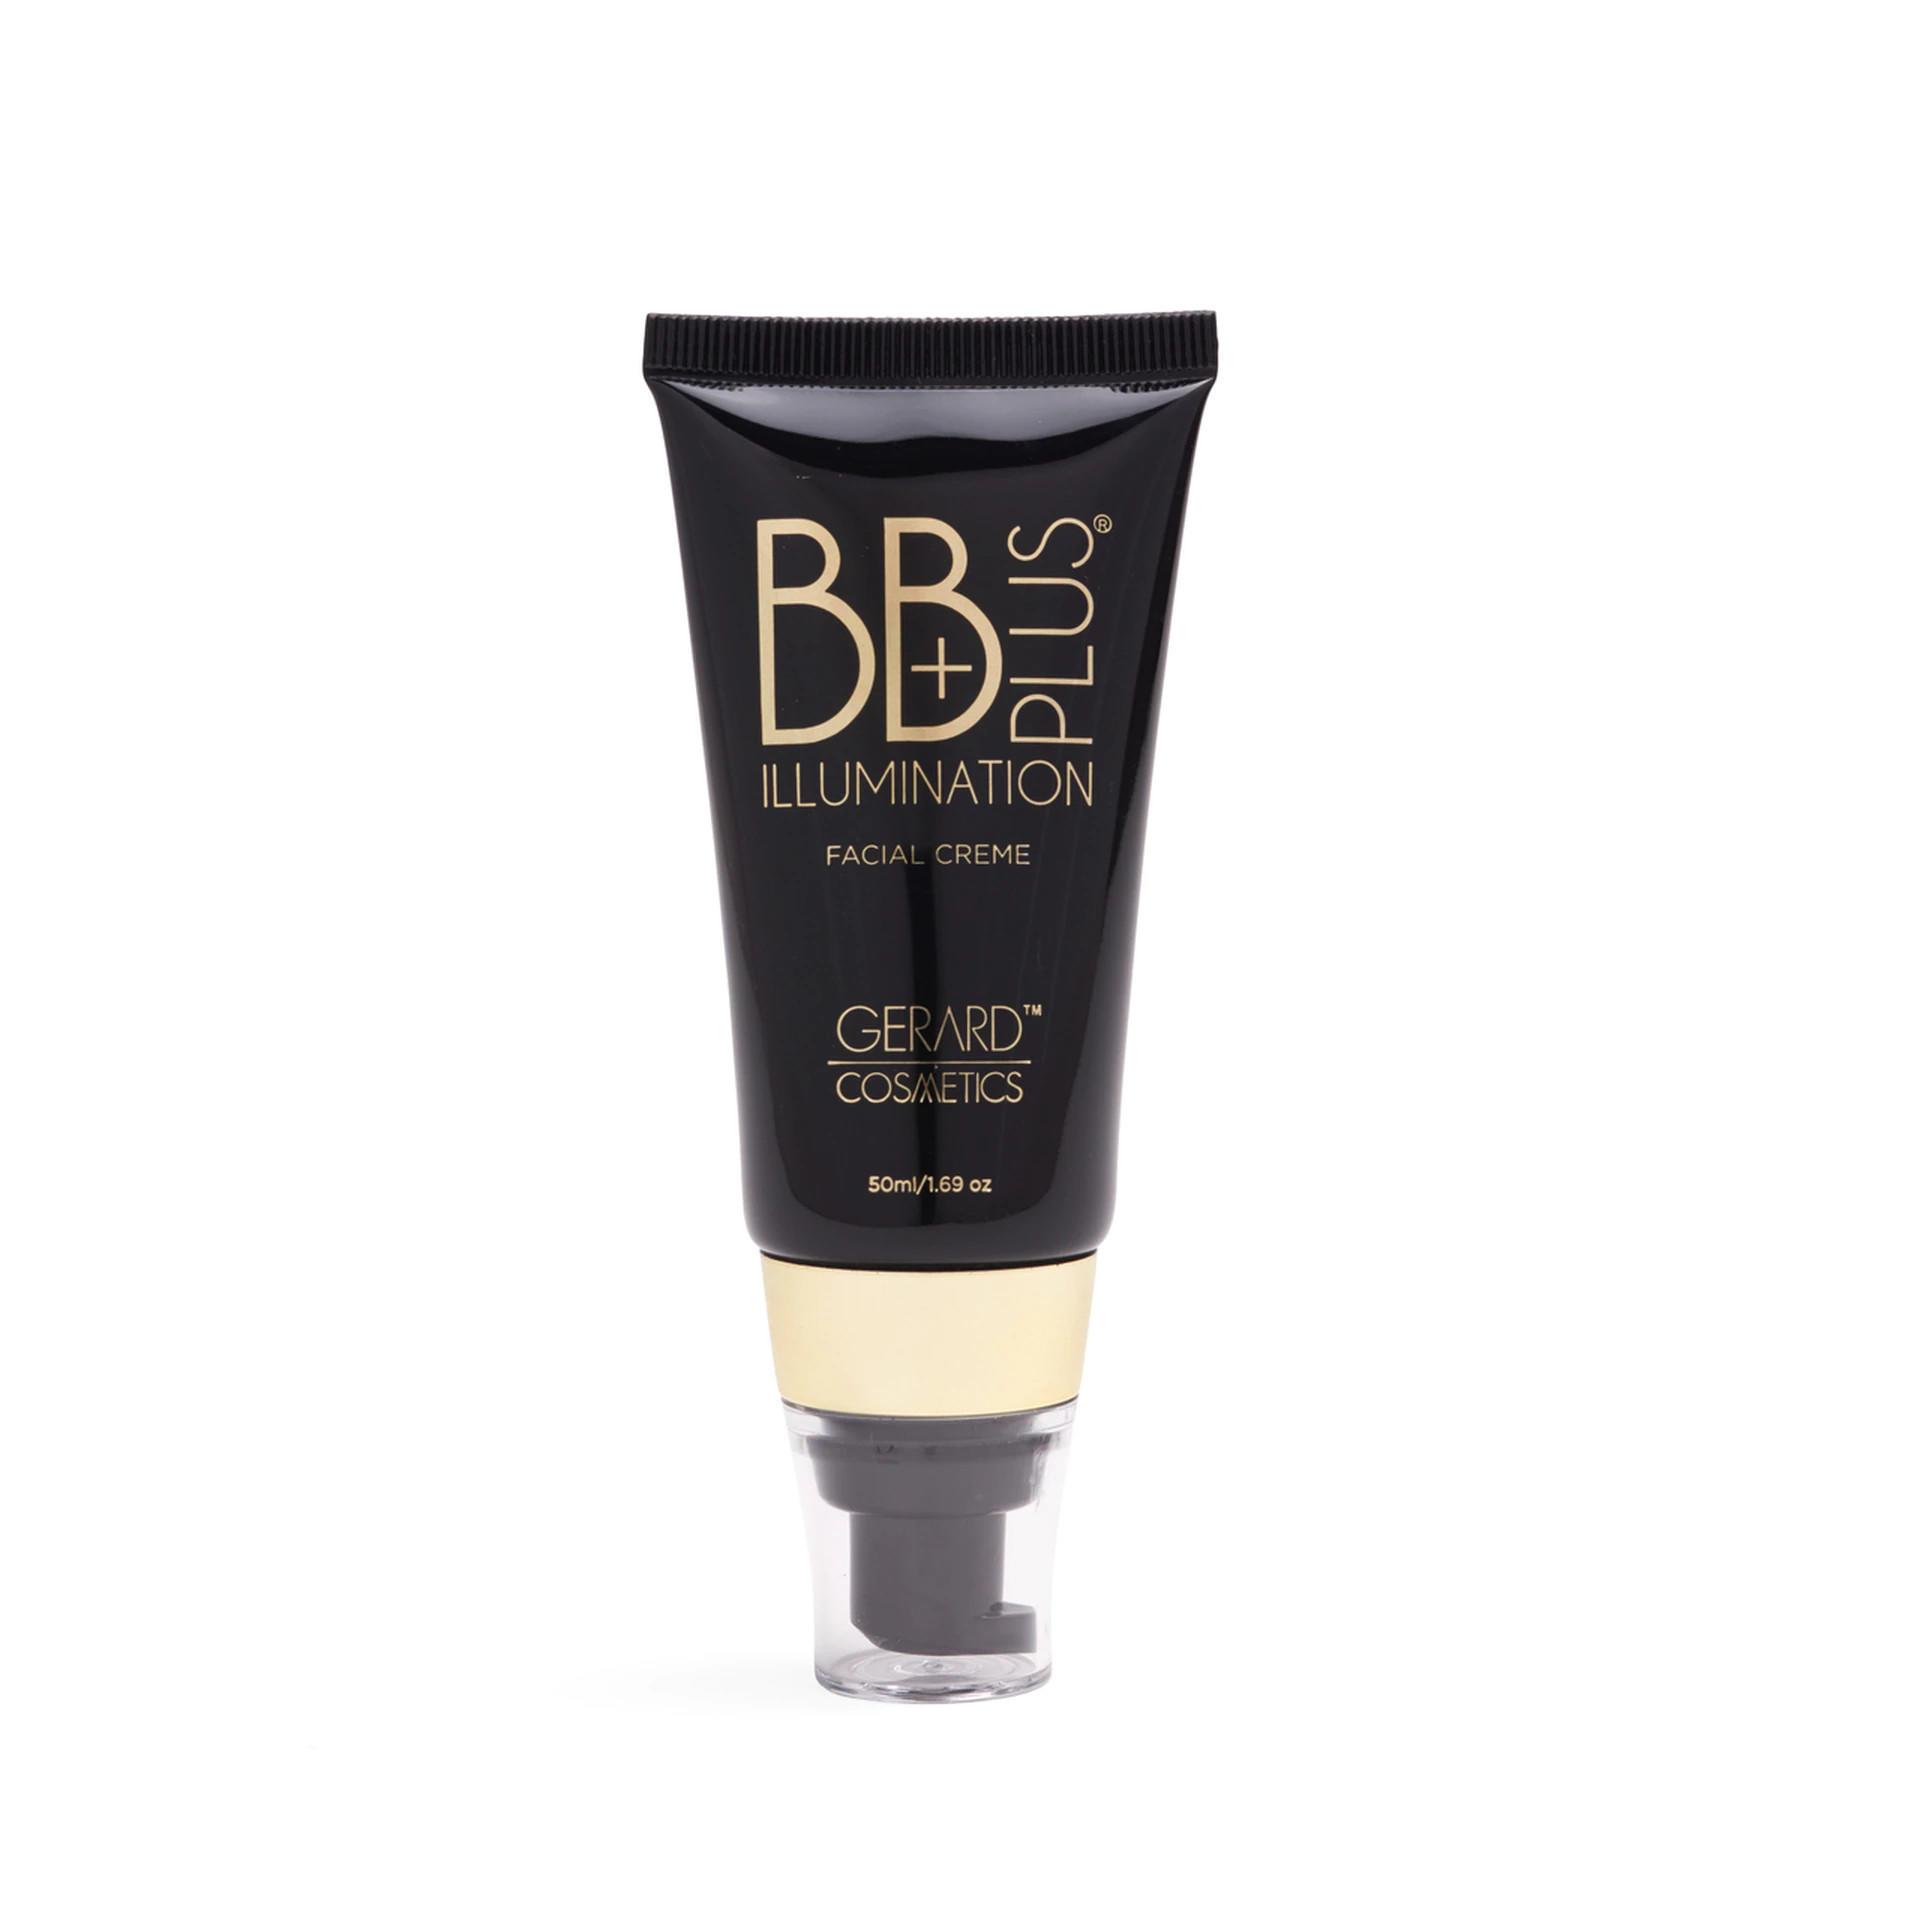 Gerard Cosmetics BB Plus Illumination Creme Sophia